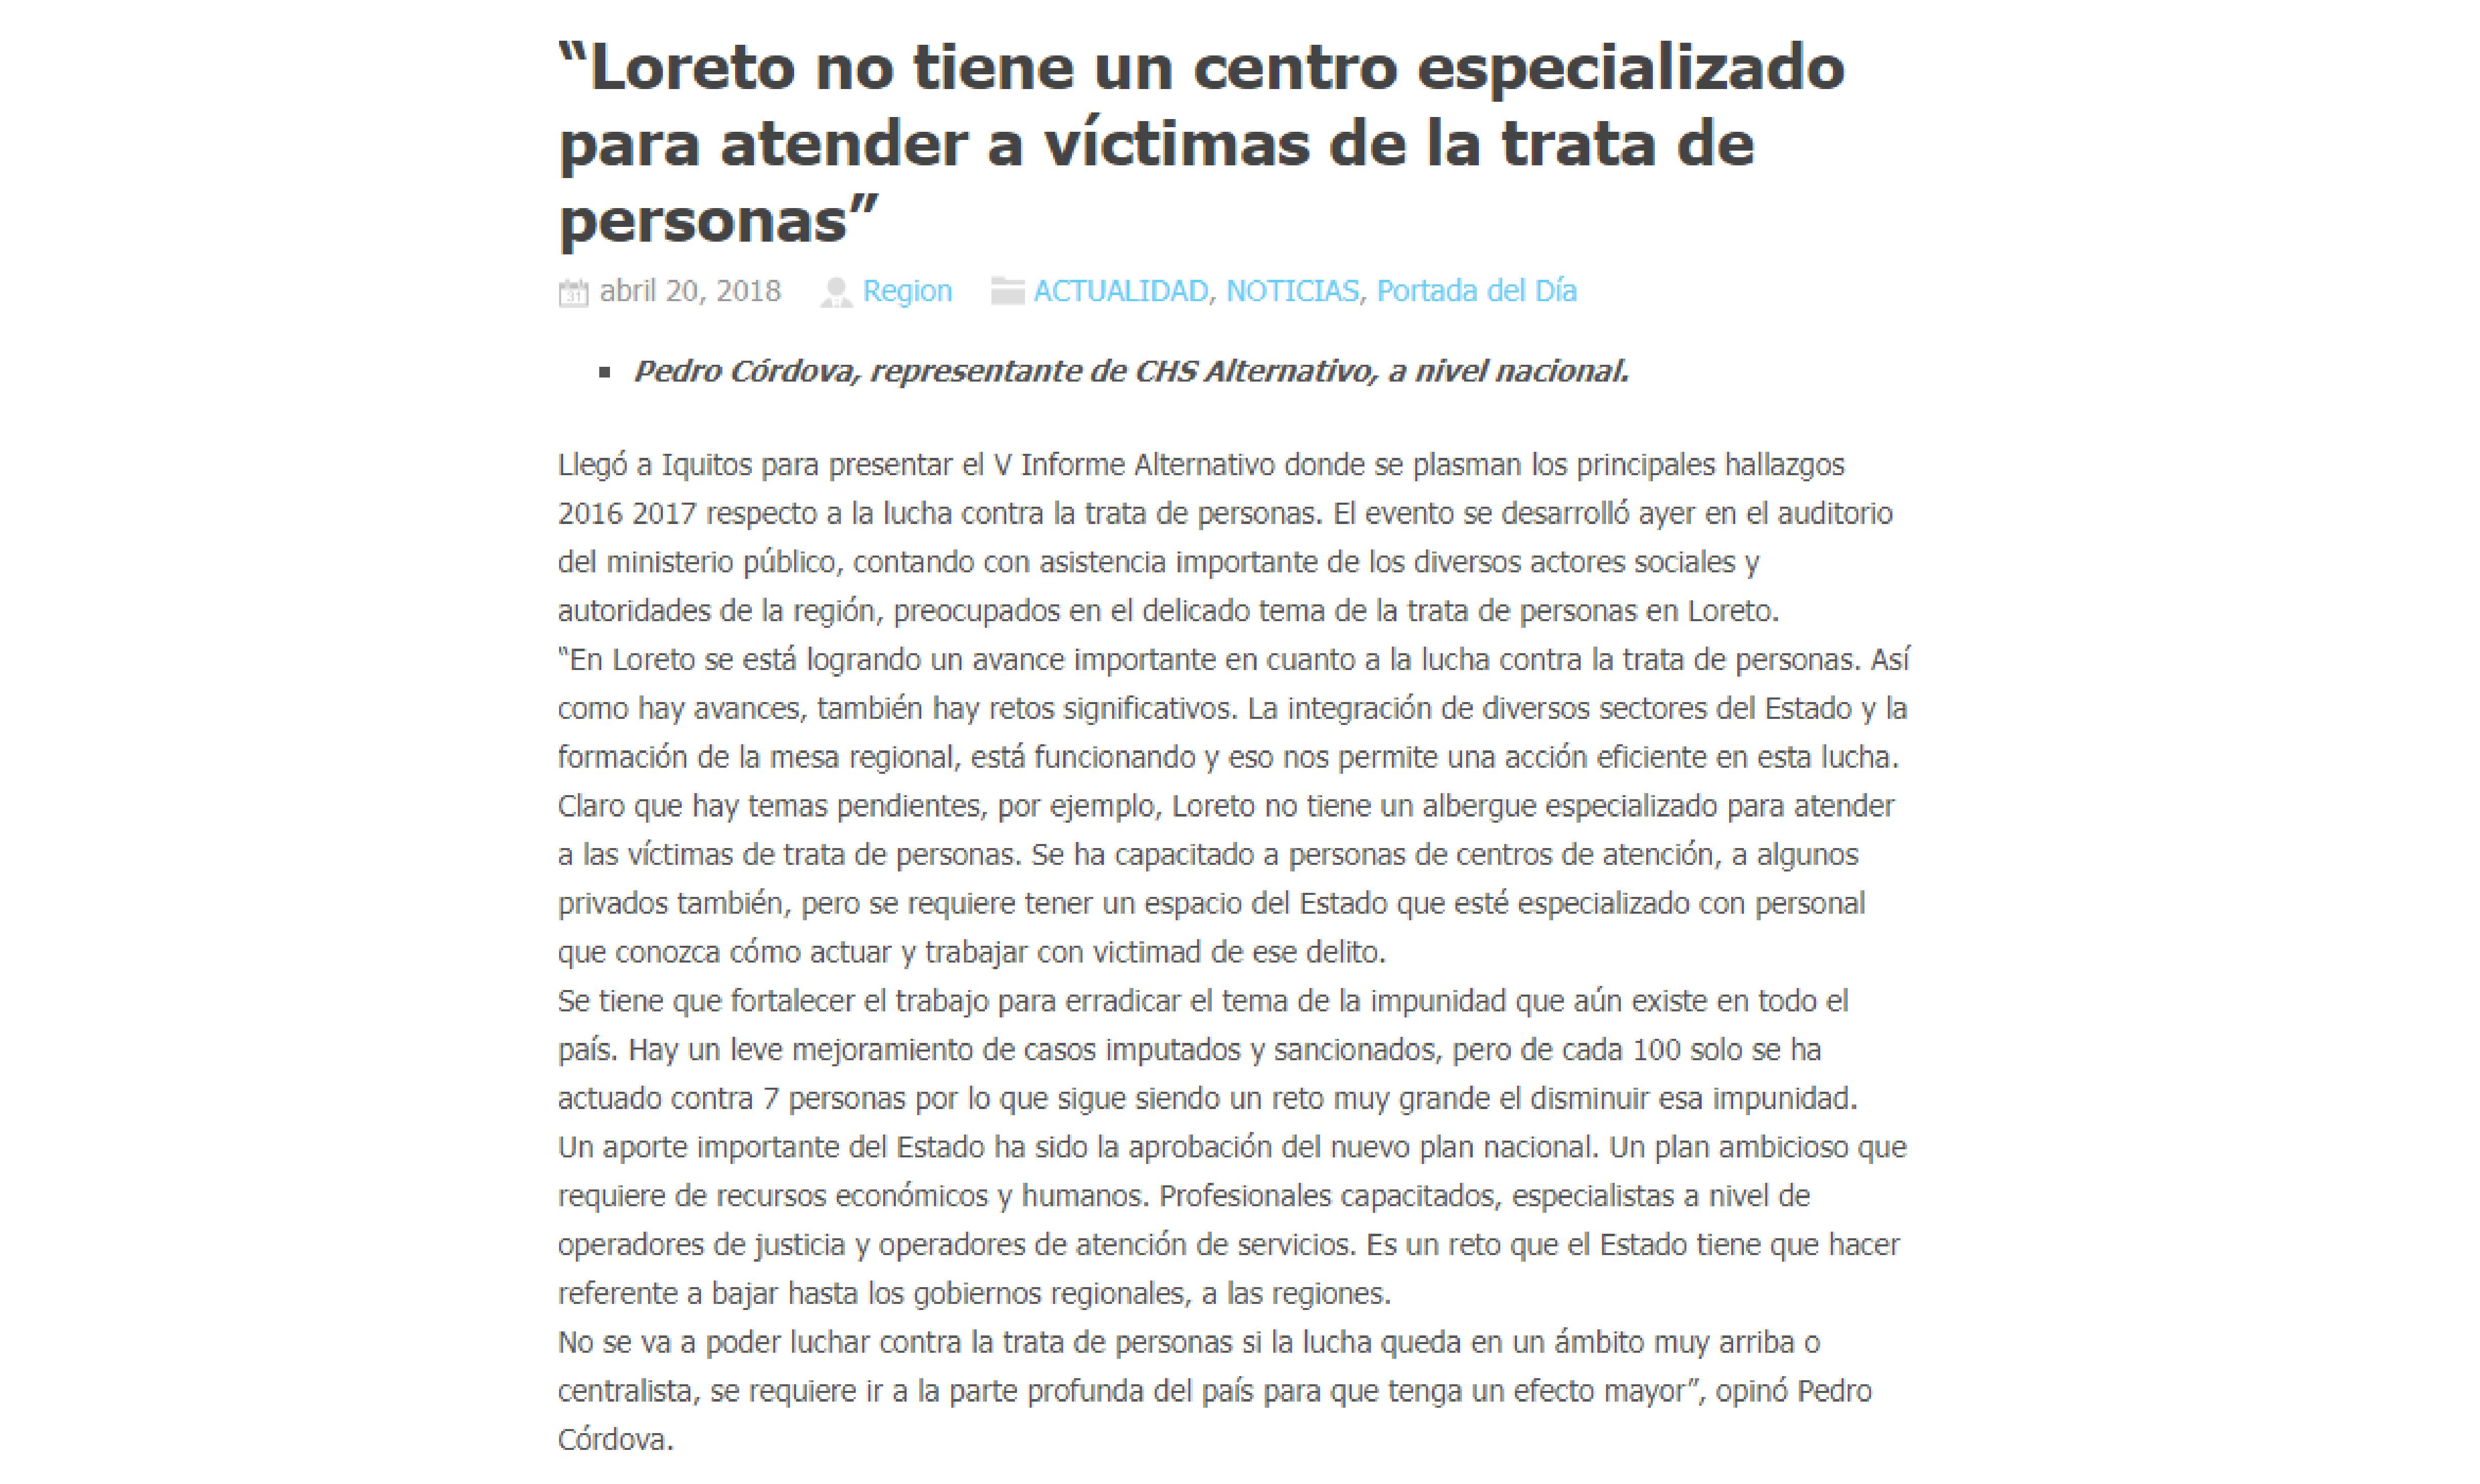 """La Región: """"Loreto no tiene un centro especializado para atender a víctimas de la trata de personas"""""""